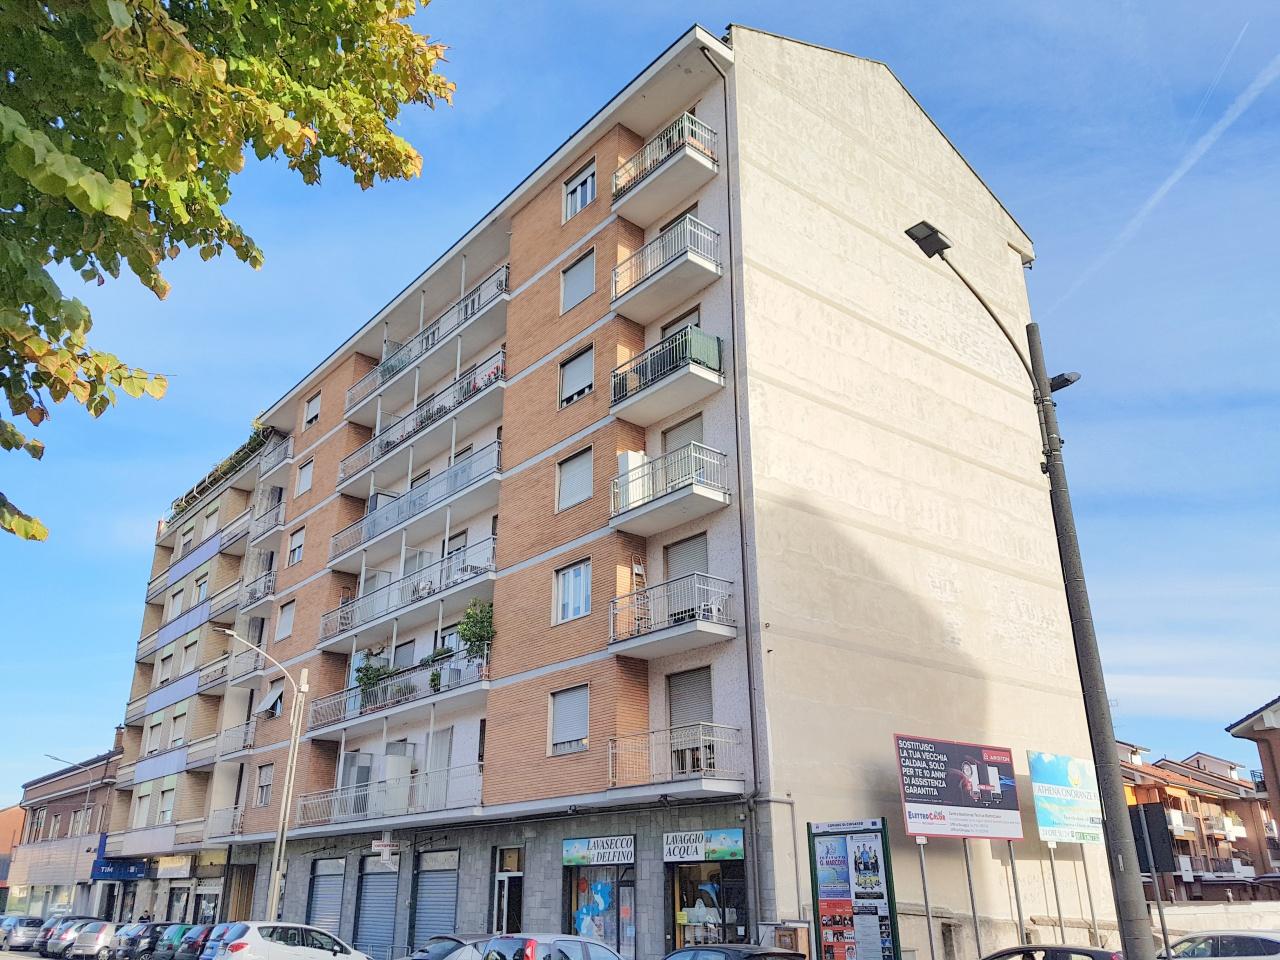 appartamento panoramico, sito al quinto piano con ascensore e composto da ingresso, salone, tinello con cucinino, due ampie camere da letto, servizio, ripostiglio, due balconi e cantina.